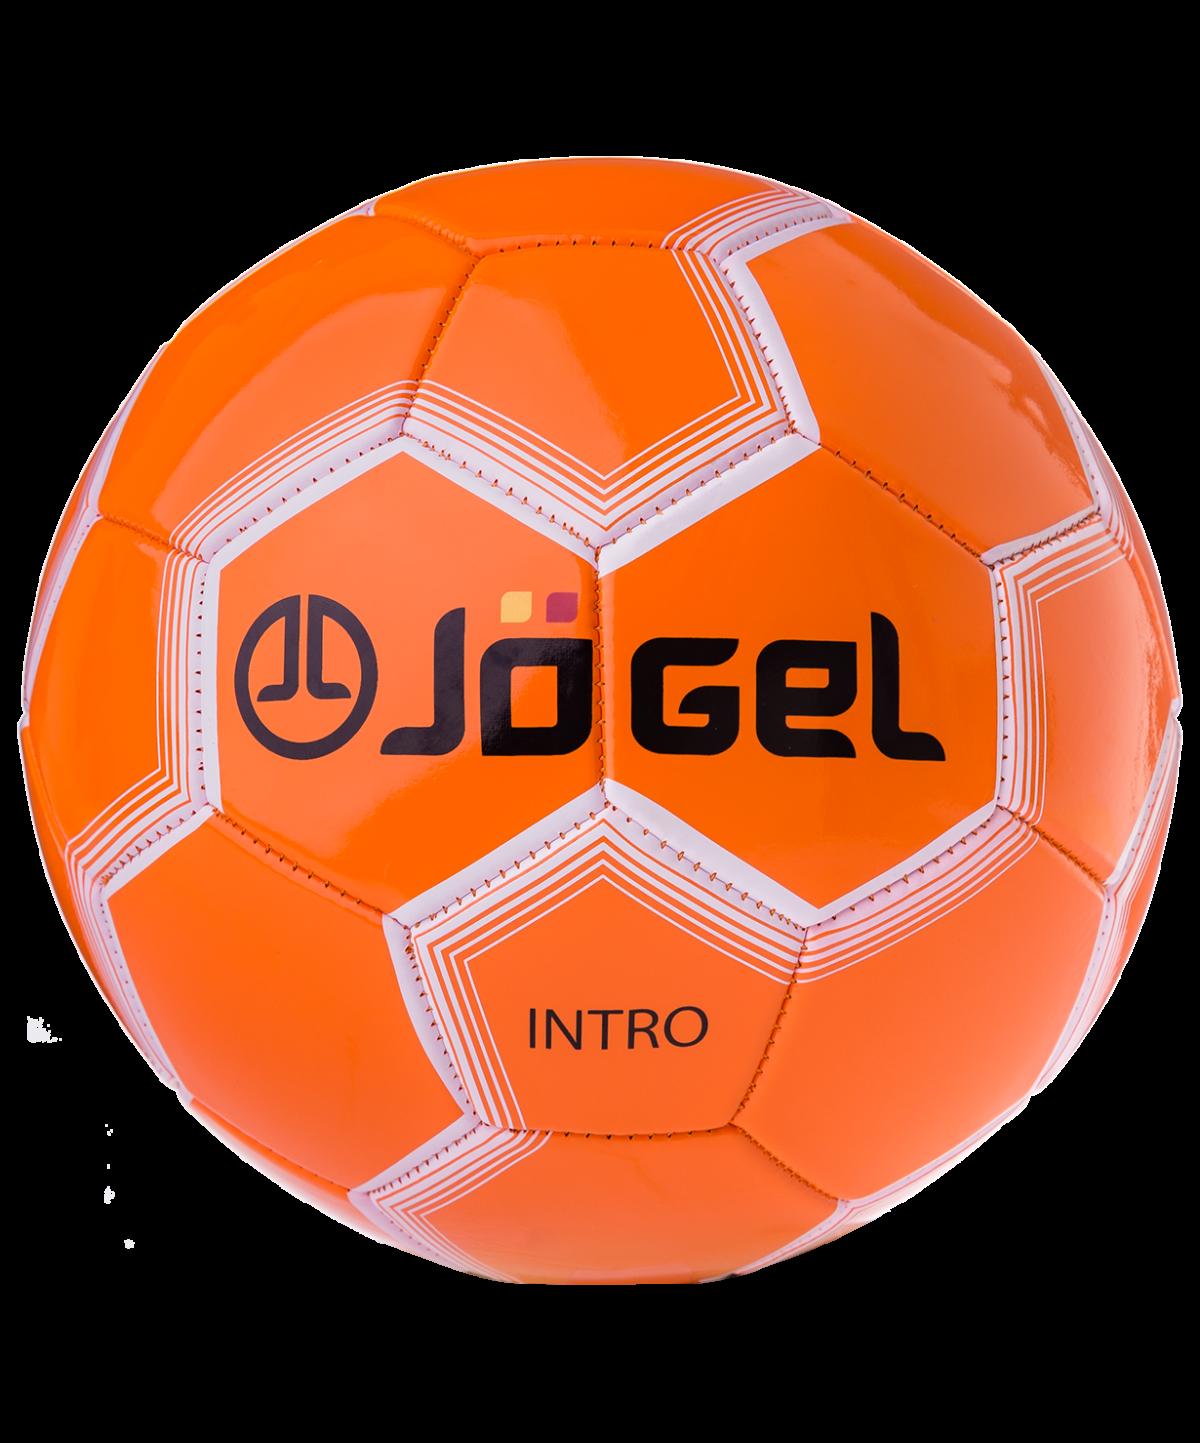 JOGEL Intro Мяч футбольный  JS-100 №5: оранжевый - 1